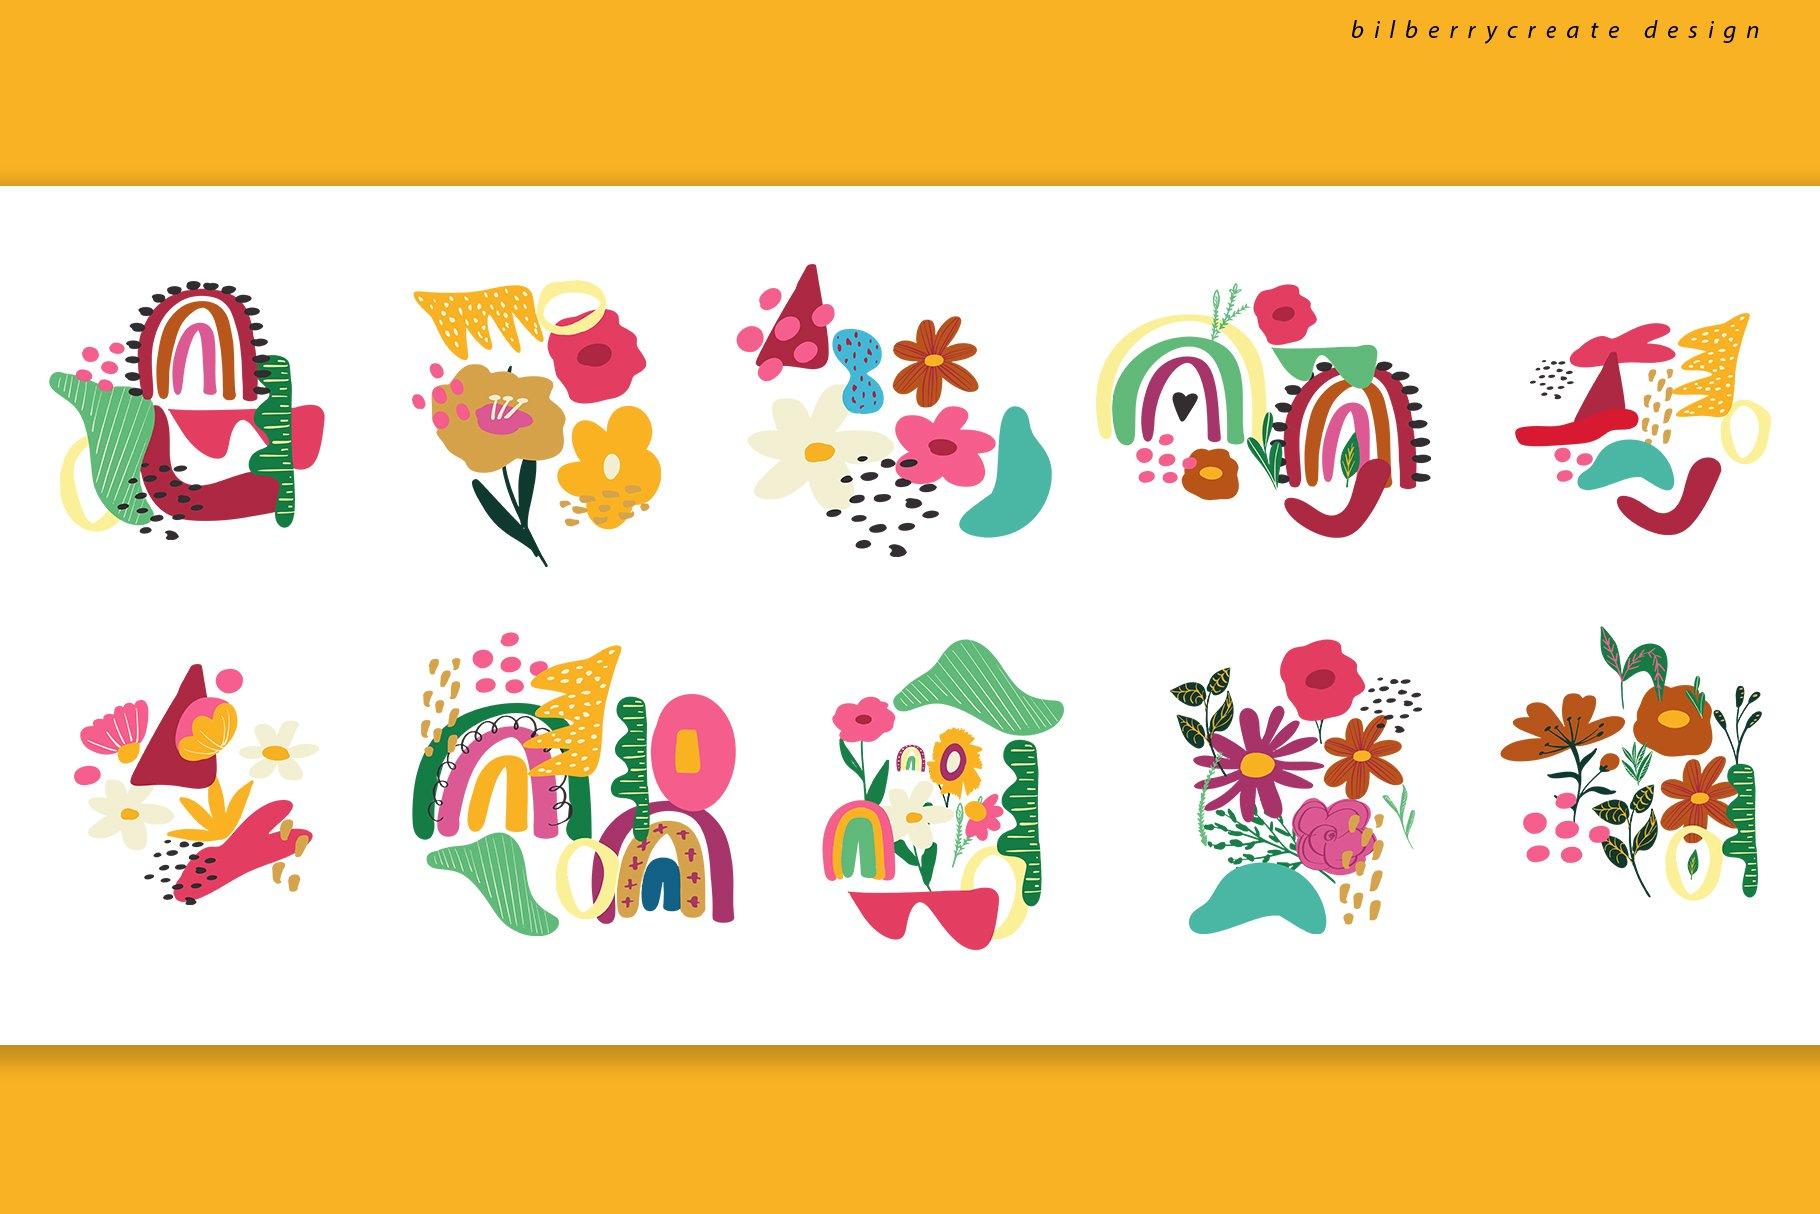 现代卡通抽象花卉彩虹元素矢量插图 Playful Naive Art Abstract插图(9)